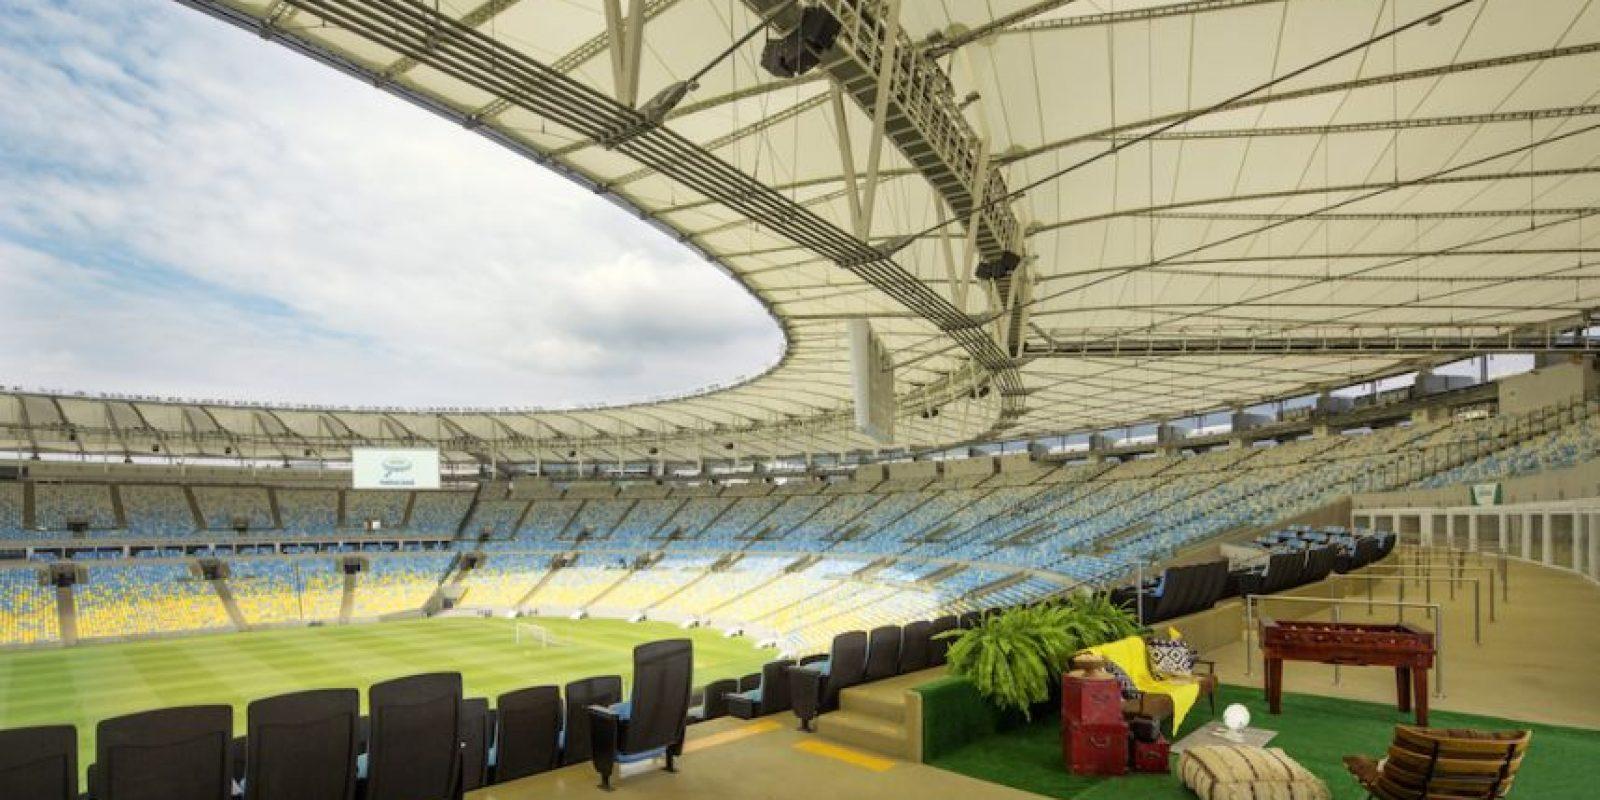 Hospedarse en el Maracaná es el sueño de muchos aficionados al fútbol. Foto:Airbnb